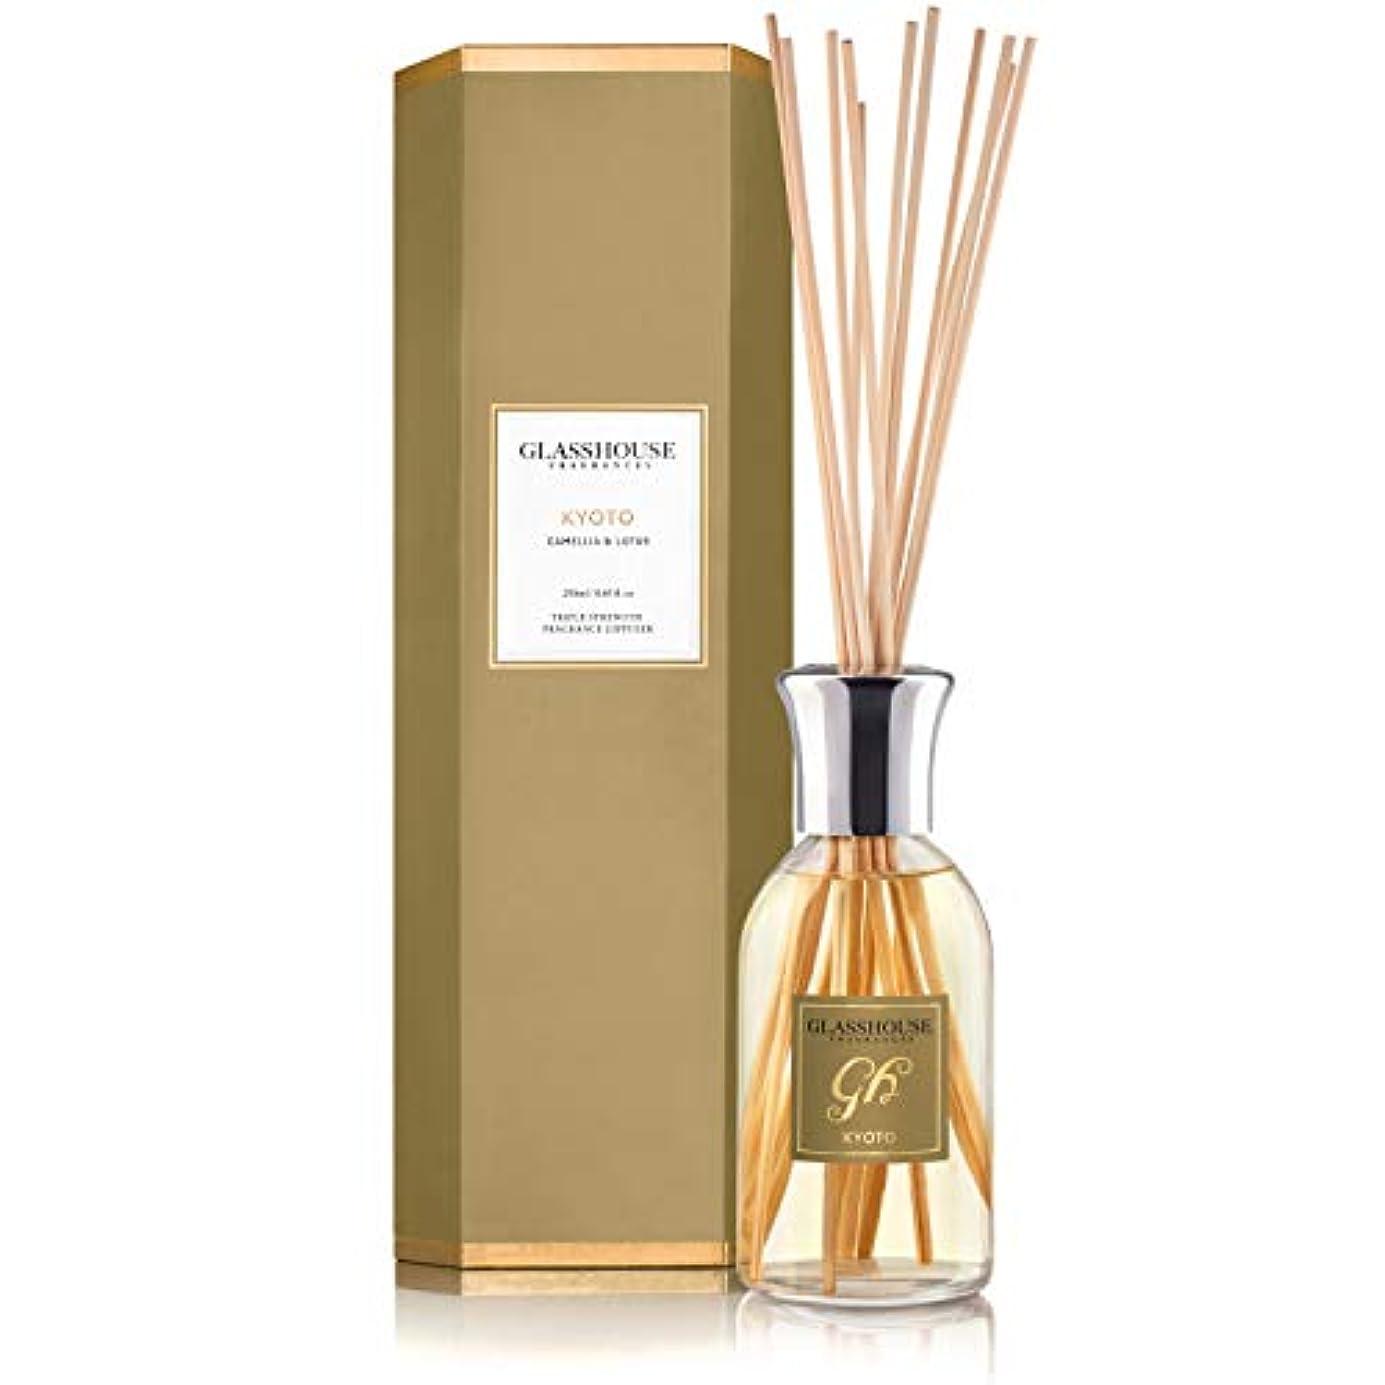 建物下向き大使グラスハウス Triple Strength Fragrance Diffuser - Kyoto (Camellia & Lotus) 250ml/8.45oz並行輸入品